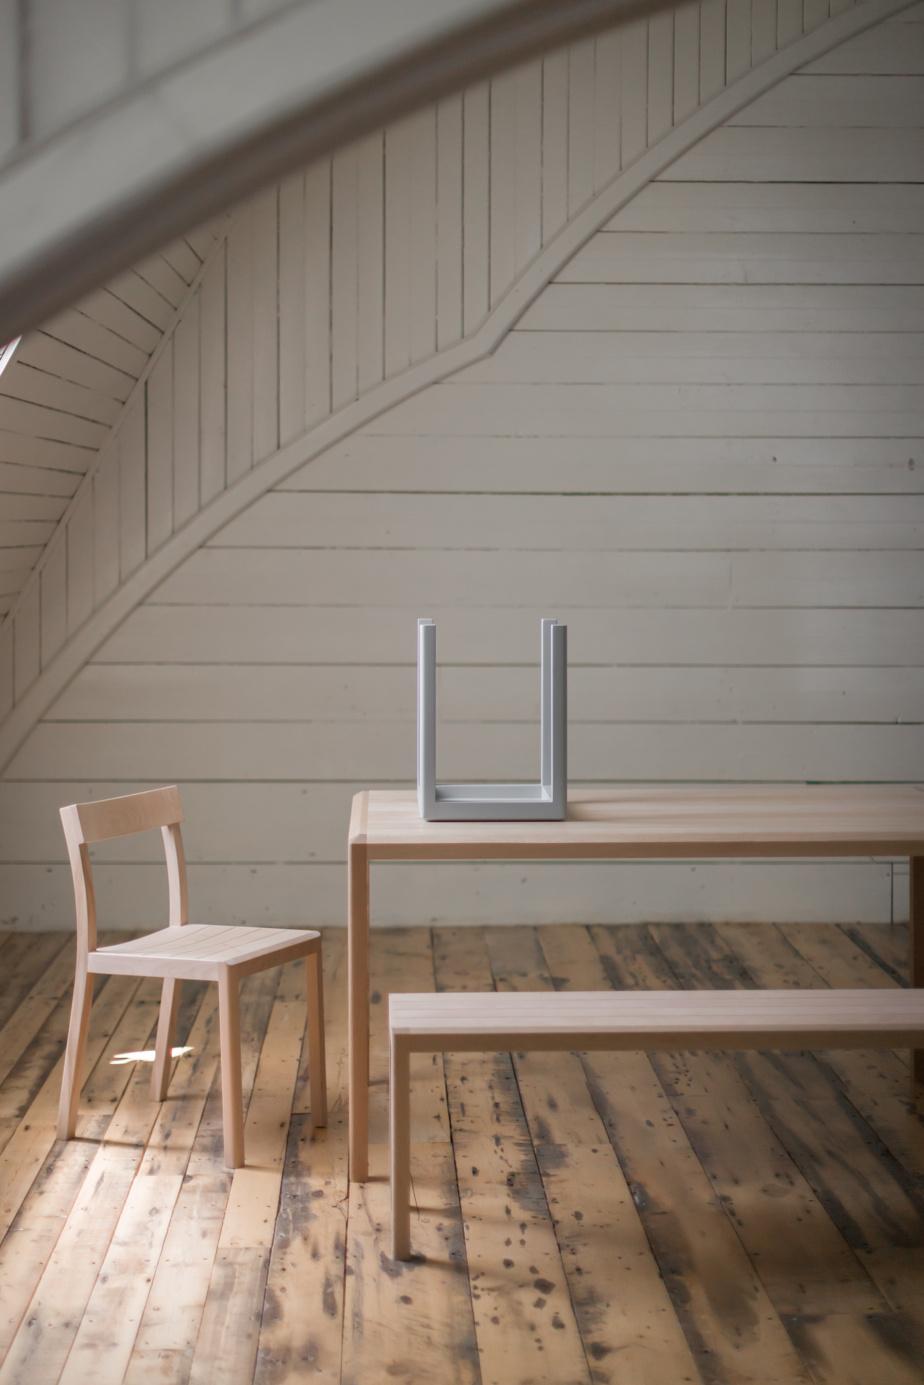 Articles de la deuxième collection des ateliers de Fogo qui, comme la précédente, donnent dans la fonctionnalité, le style et la simplicité.